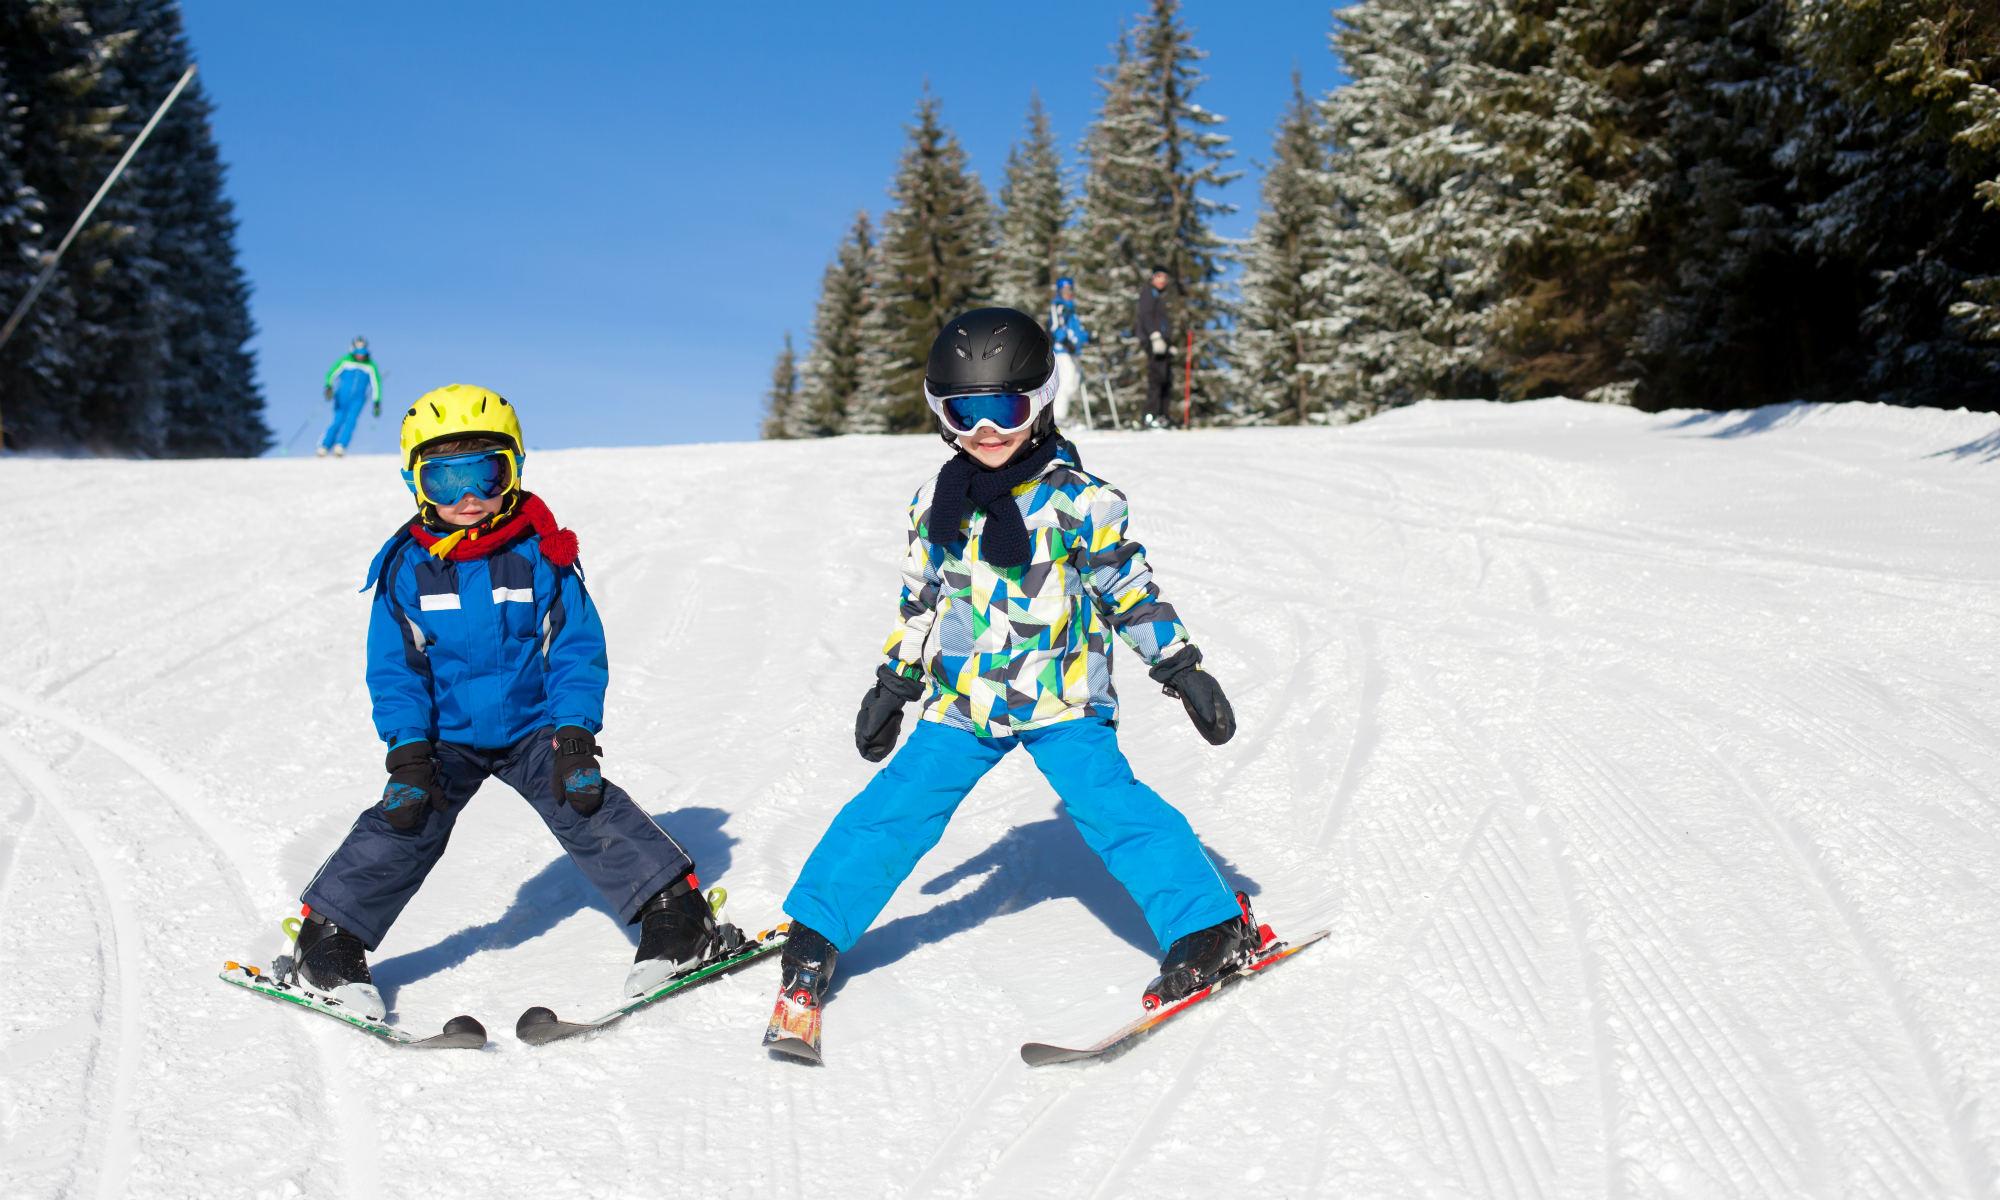 Zwei kleine Kinder fahren im Pflug einen Hügel hinunter.